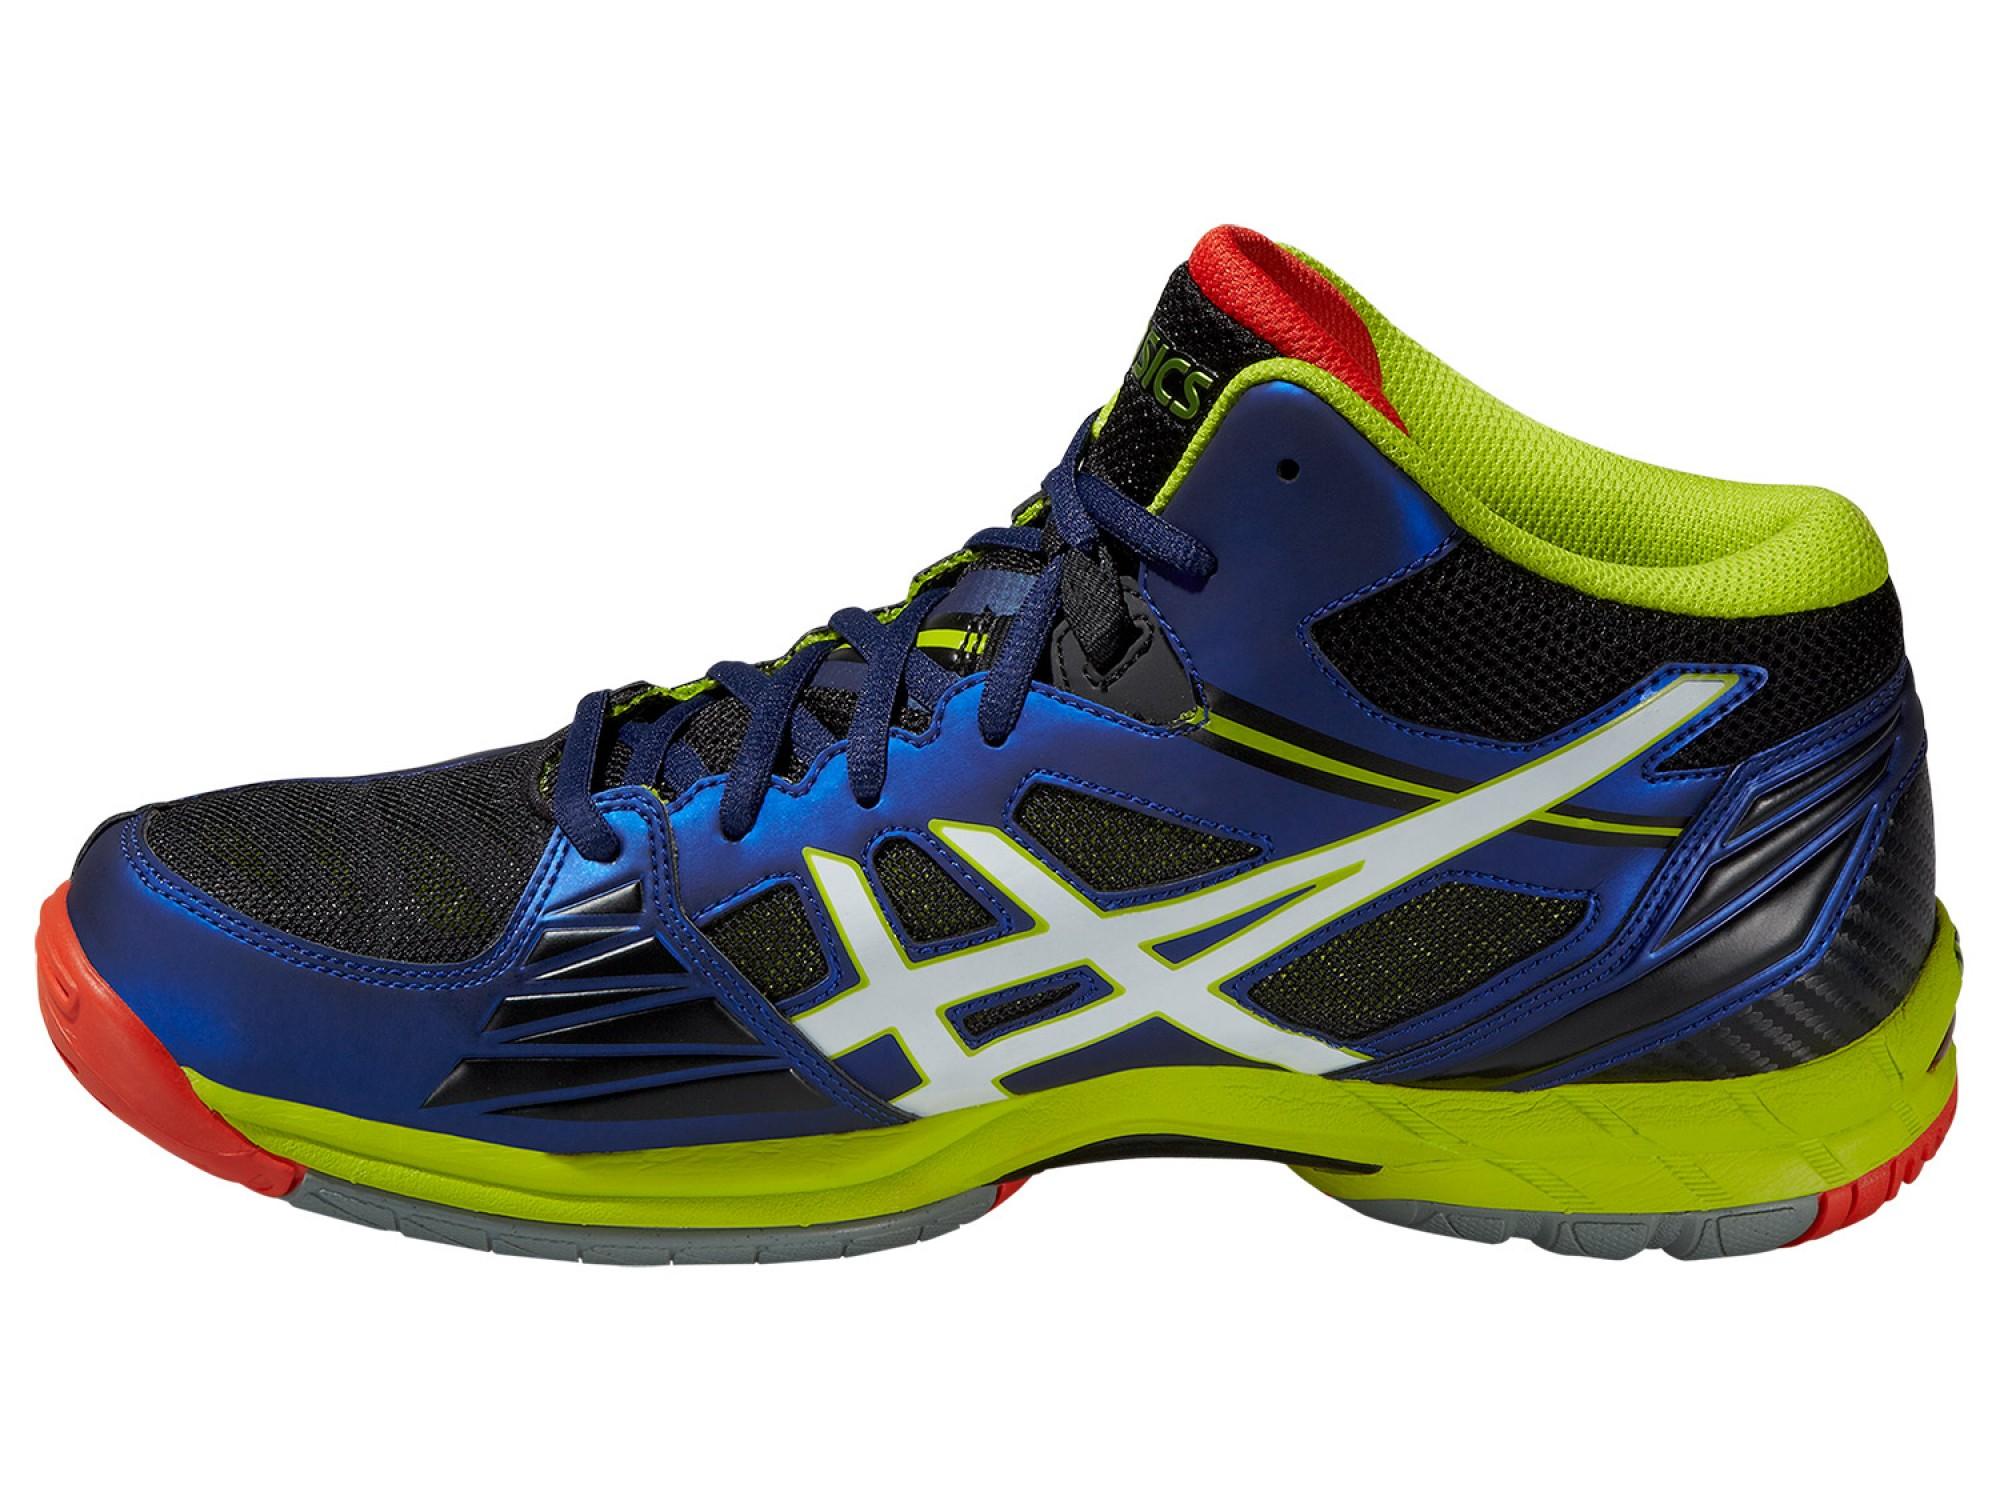 fca6cc8c ASICS GEL-Volley Elite 3 MT Волейбольные кроссовки B501N-5001 купить ...